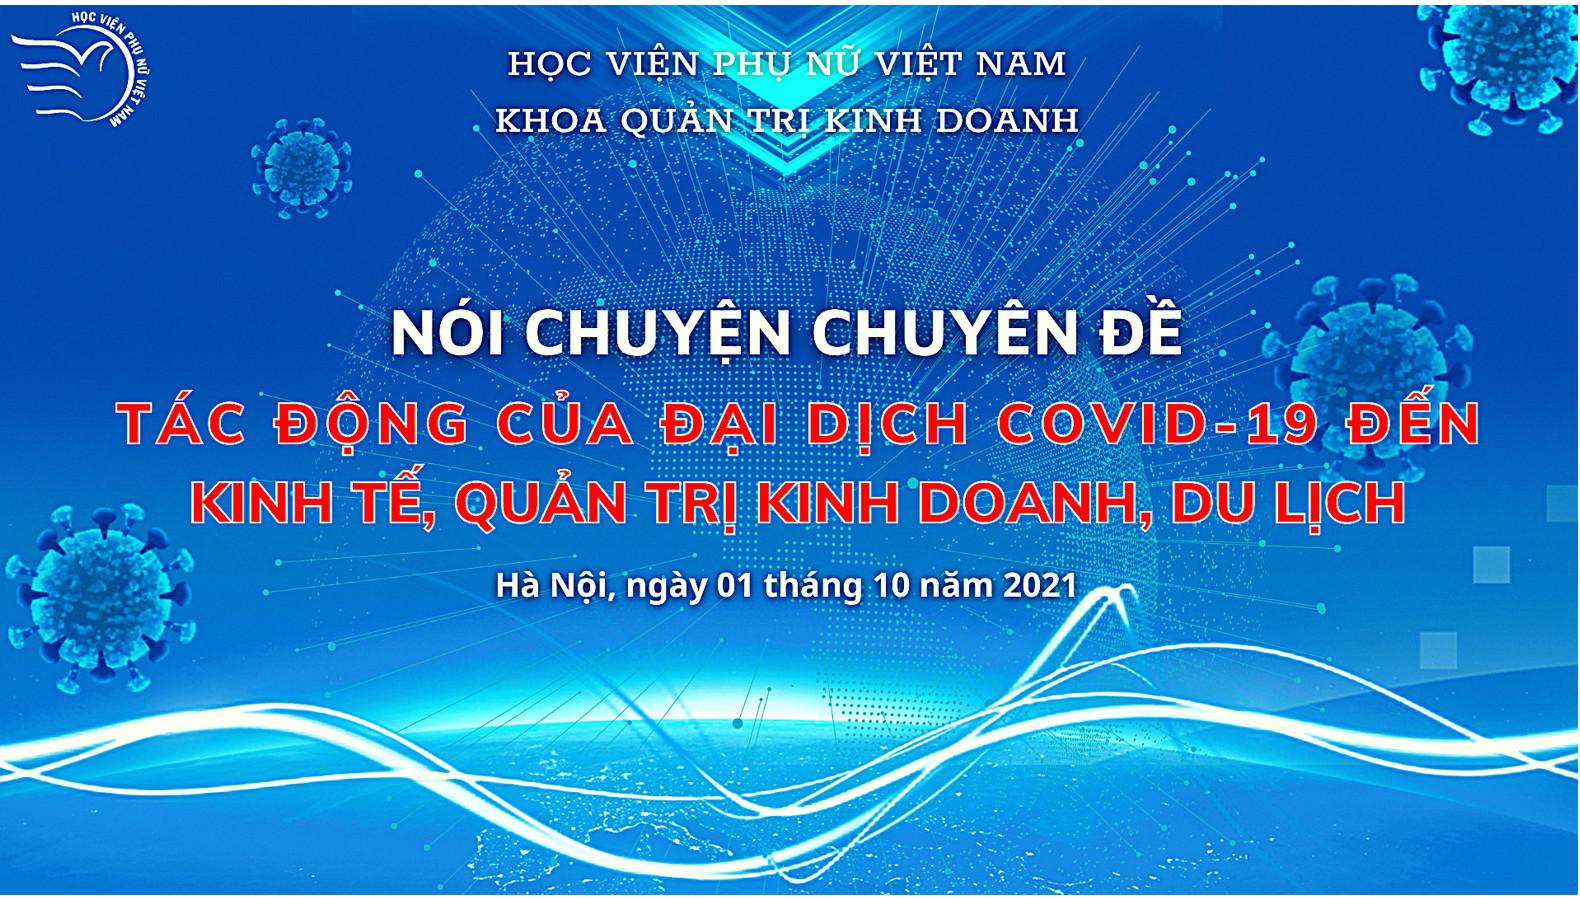 Tác động của đại dịch covid-19 đến Kinh tế, Quản trị kinh doanh, Du lịch